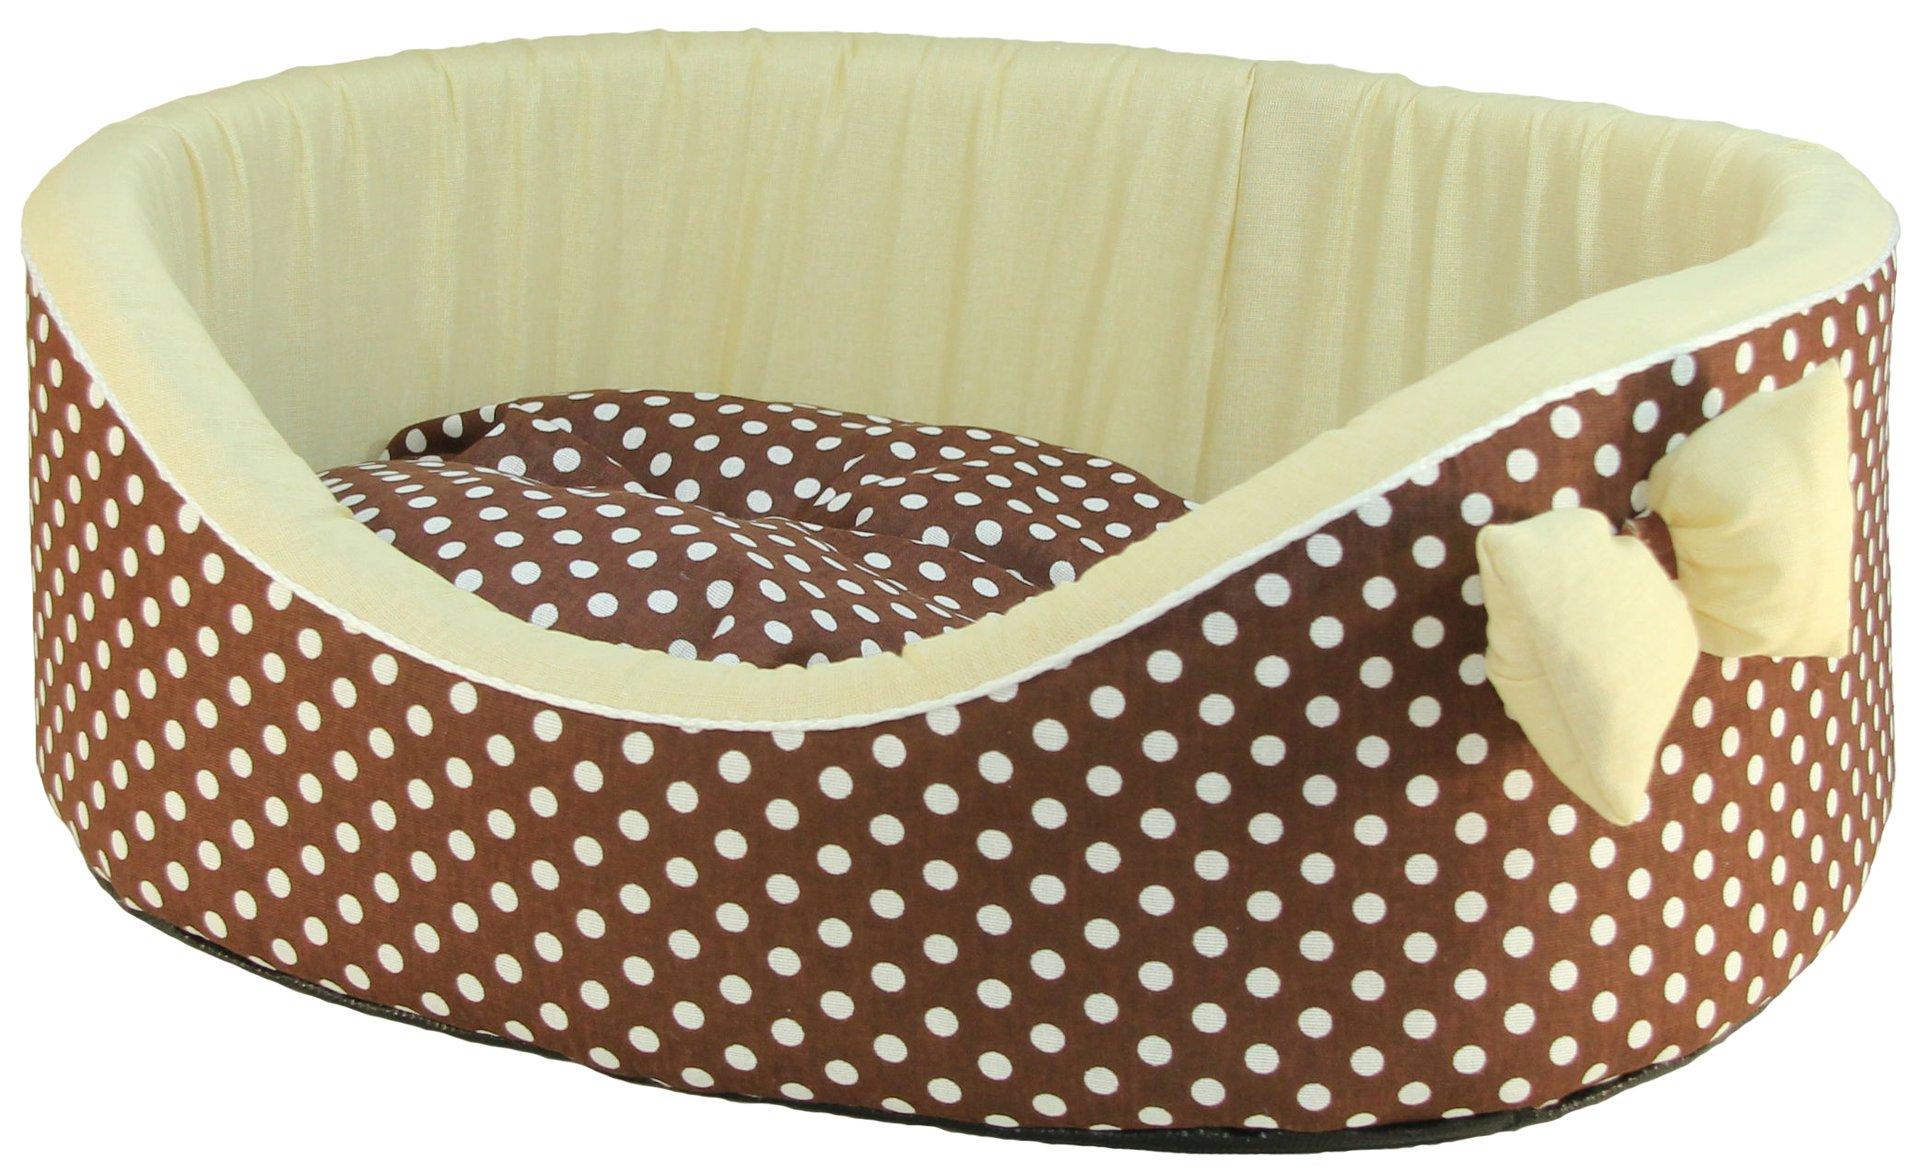 Лежак для собак и кошек Xody Премиум №4, хлопок, коричневый, 64х49х20 см